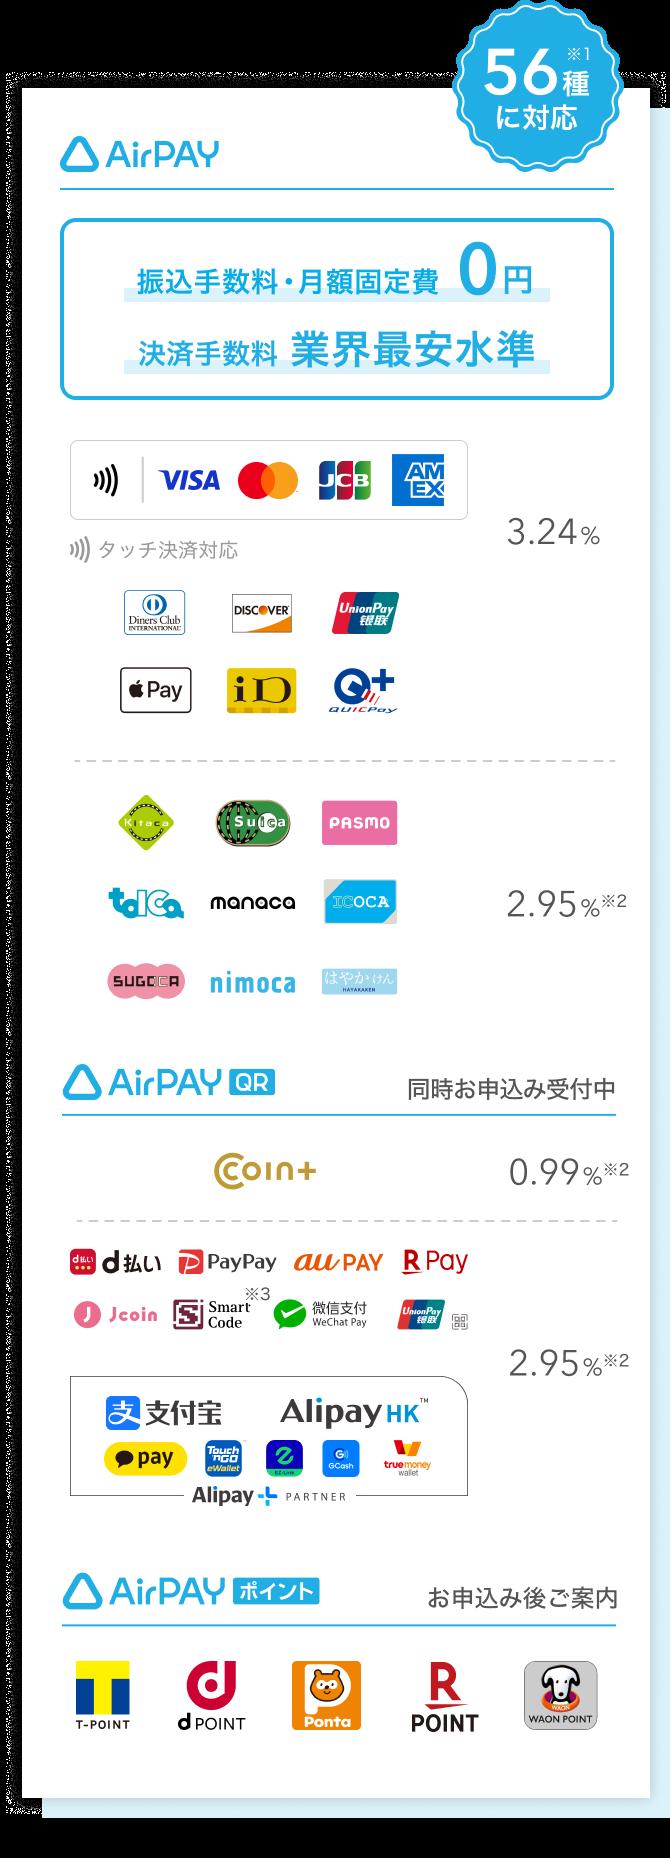 消費者還元事業者登録で決済手数料が実質2.16% 振込手数料,月額固定費0円 決済手数料,業界最安水準 VISA,Mastercard®,American Expressは3.24%、JCB,Diners Club,Discover,UnionPay(銀聯)は3.74% 交通系電子マネーは3.24% Apple Pay,iD,Quic Payは3.74% Airペイ QR 同時申込み受付中 Alipay WeChatPay LinePay d払い 3.24% Airペイ ポイント 申込み後ご案内 T-ポイント Ponta WAON ※2019年10月から2020年6月末まで。適用は、事業登録完了後の適用開始日以降。